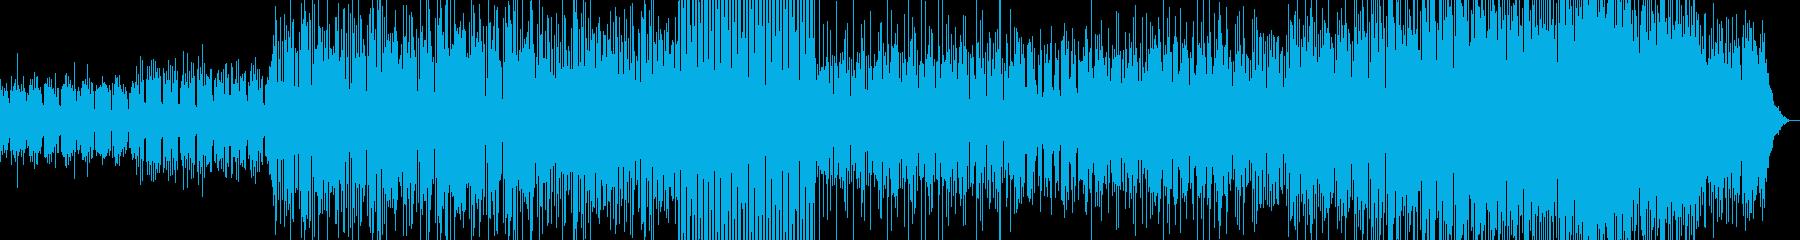 軽快なテクノミュージックの再生済みの波形